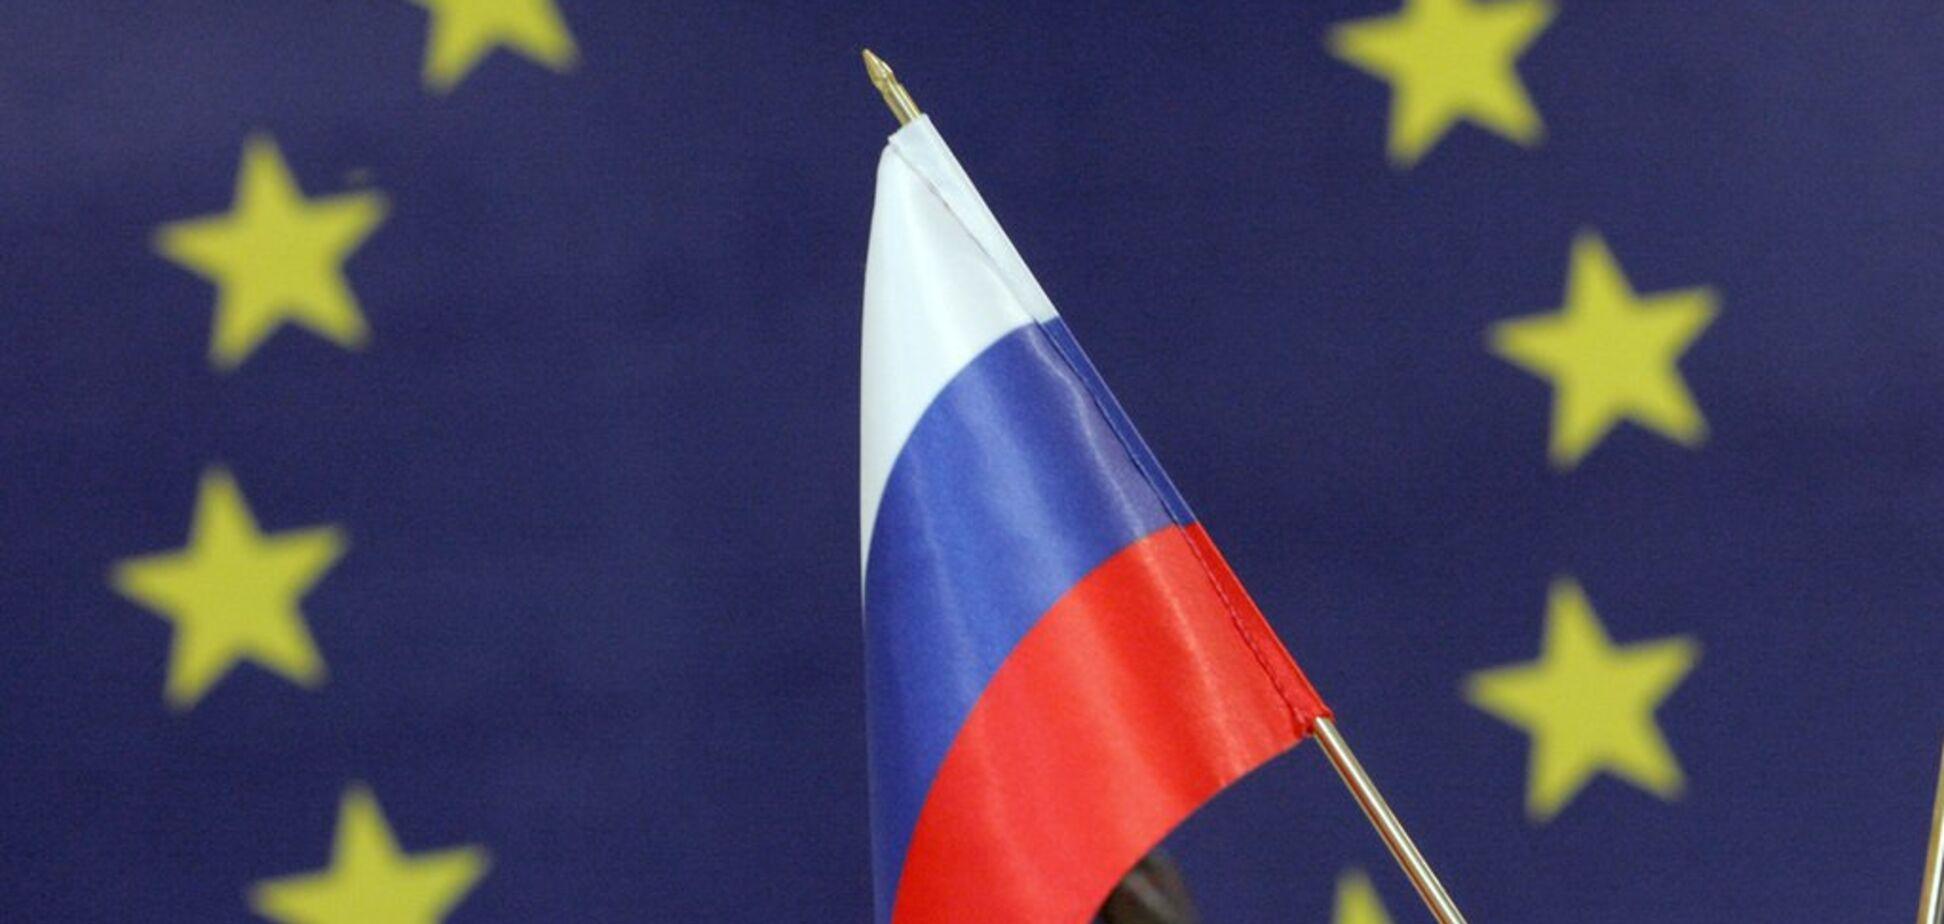 'Розколе Європу!' В Європарламенті забили на сполох через повернення Росії в ПАРЄ